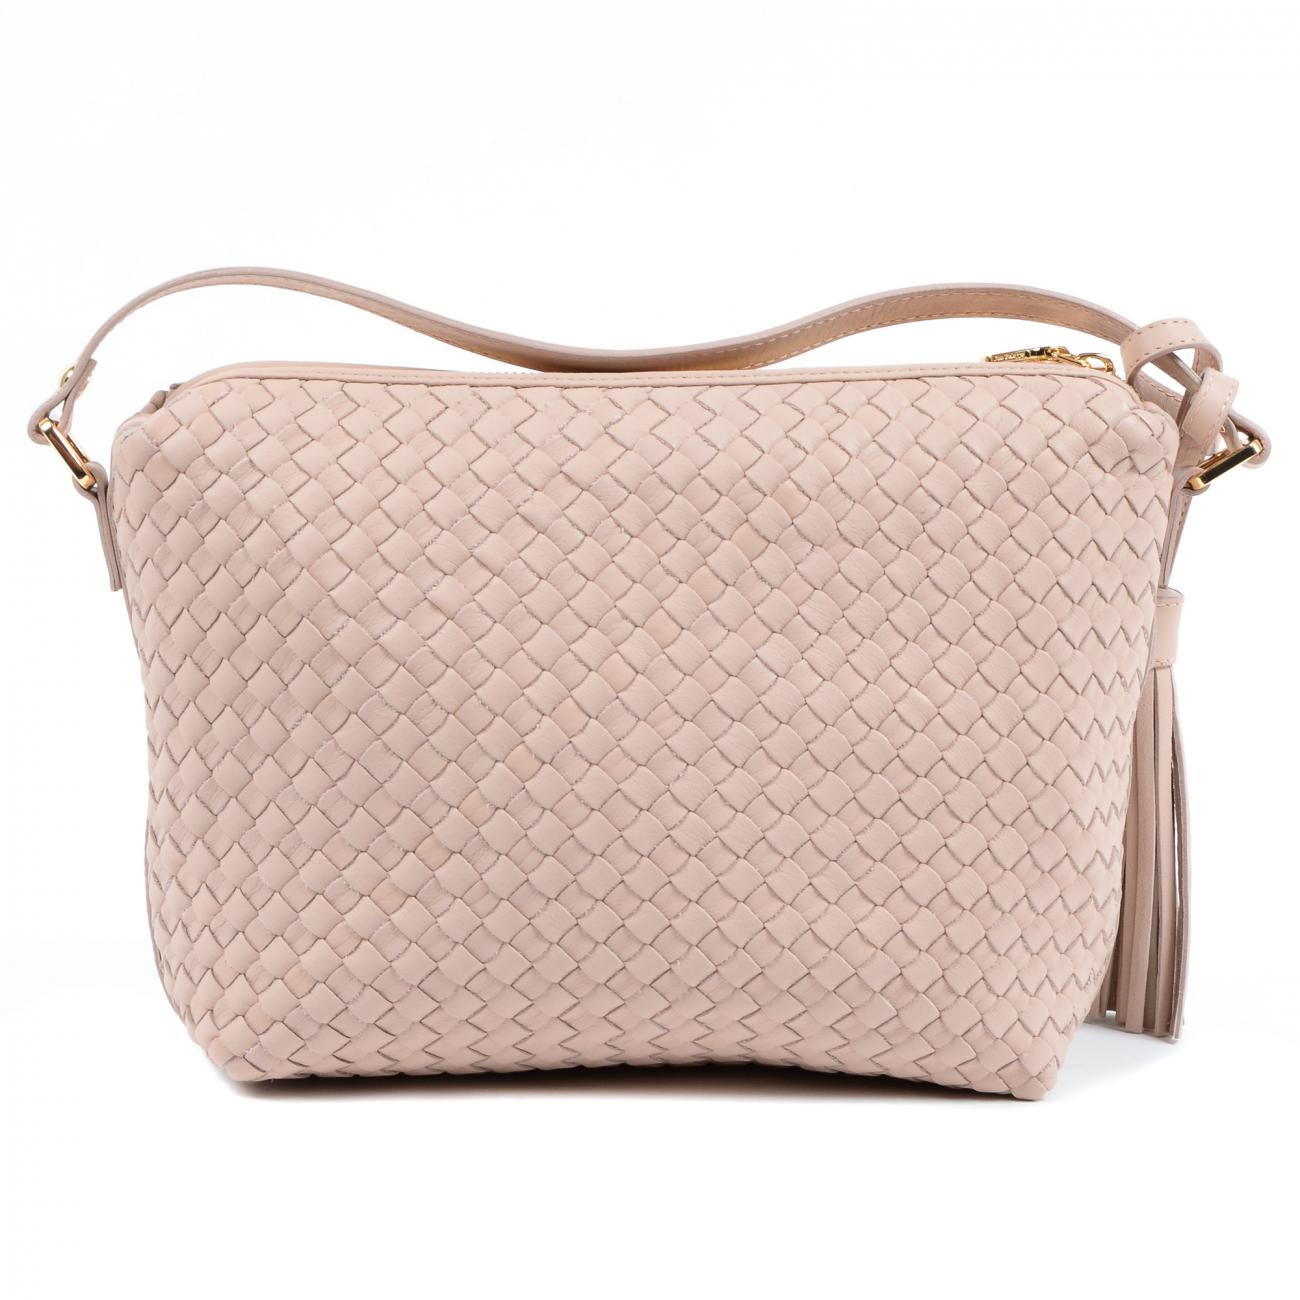 Dee Ocleppo Womens Bag GM1792 INTRECCIO MIAMI SILVER PINK